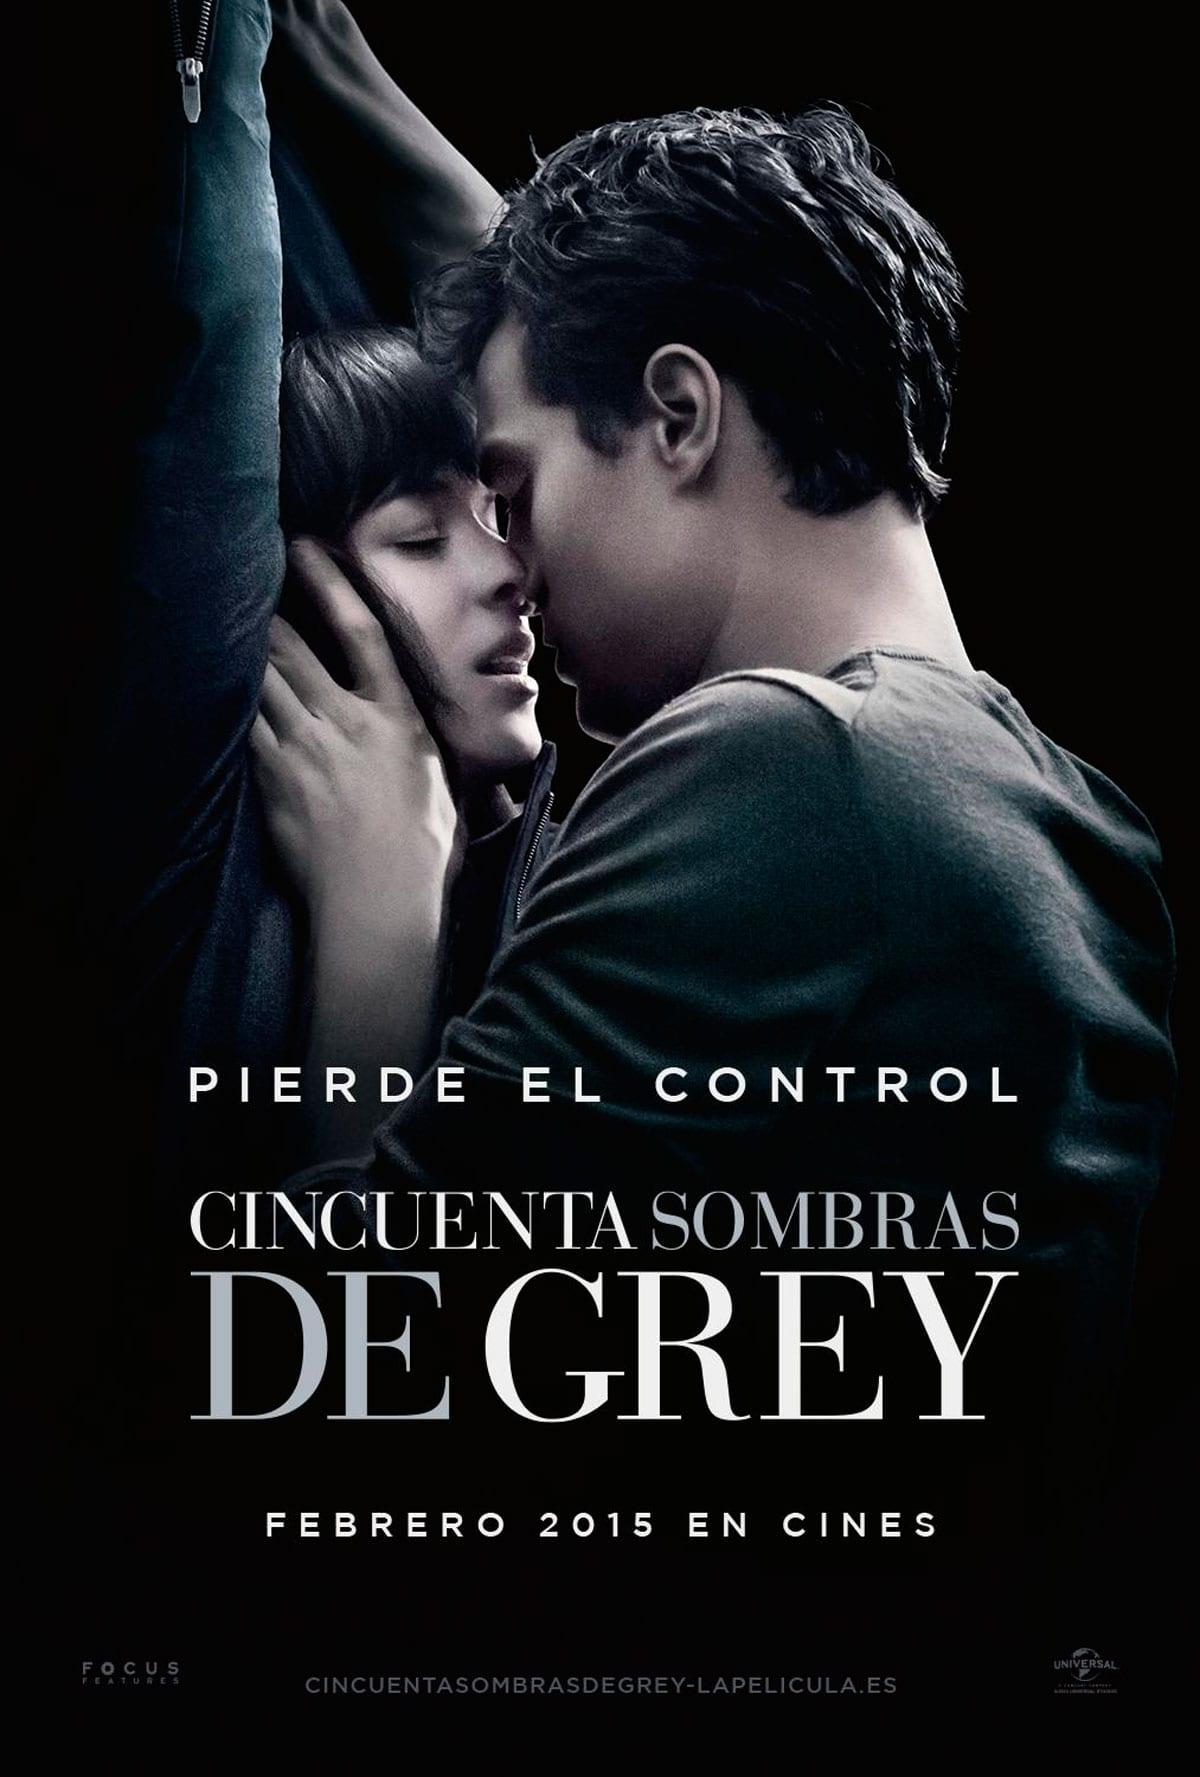 Crítica de cine: Cincuenta sombras de Grey